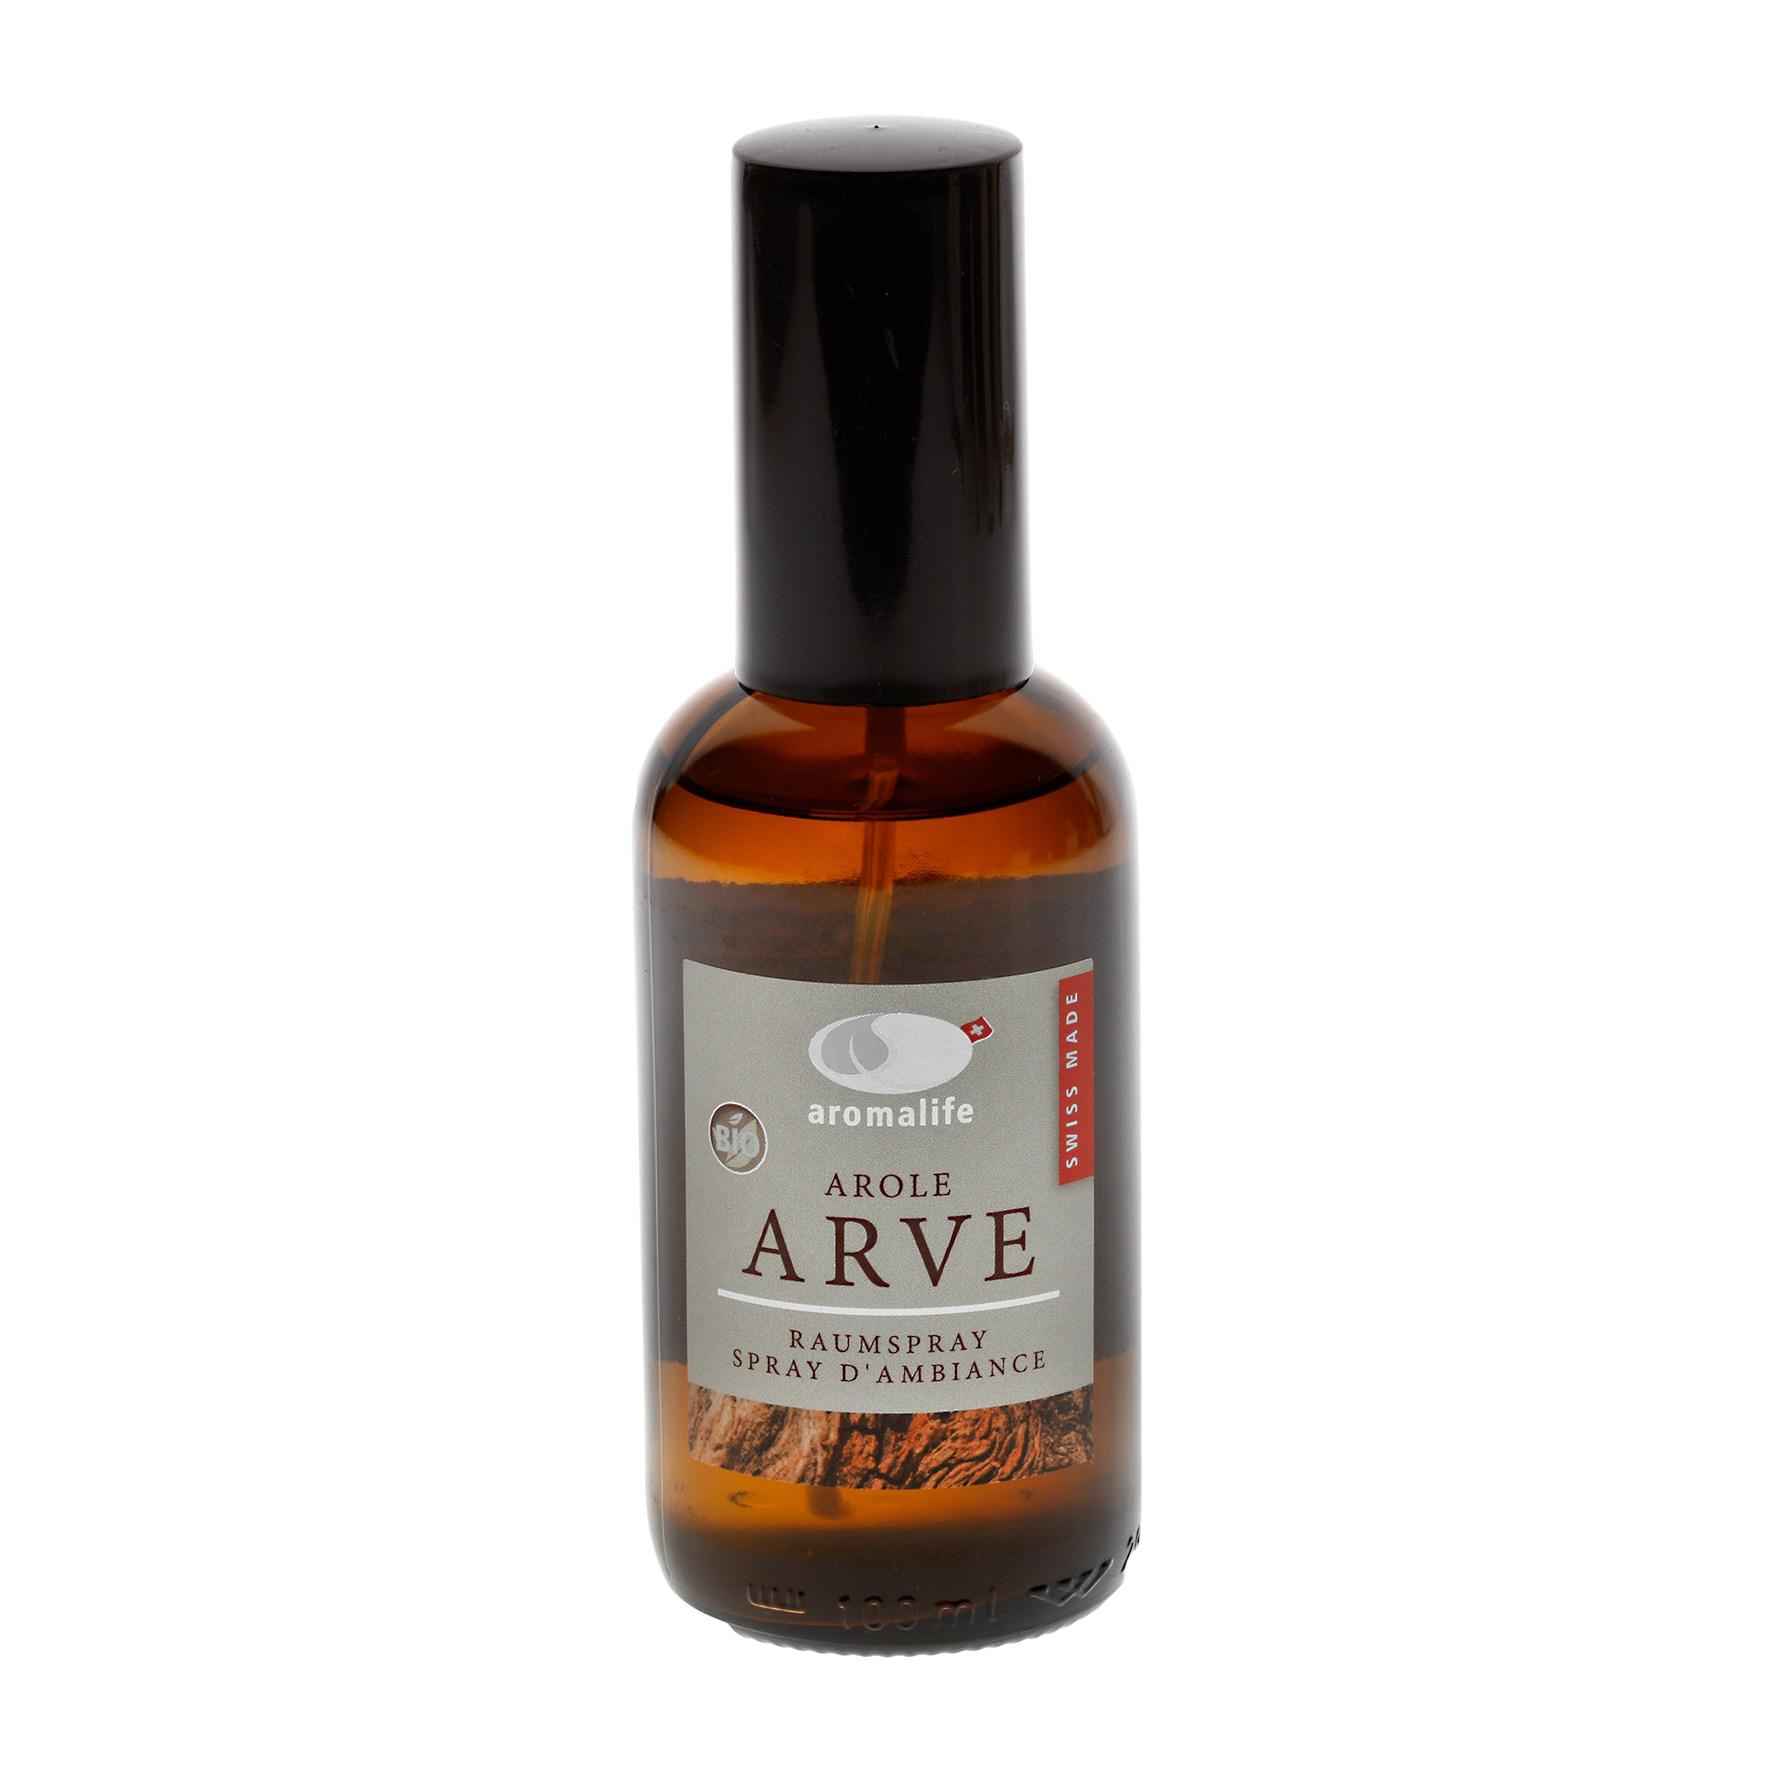 Bio-Arven-Raumspray von Aromalife